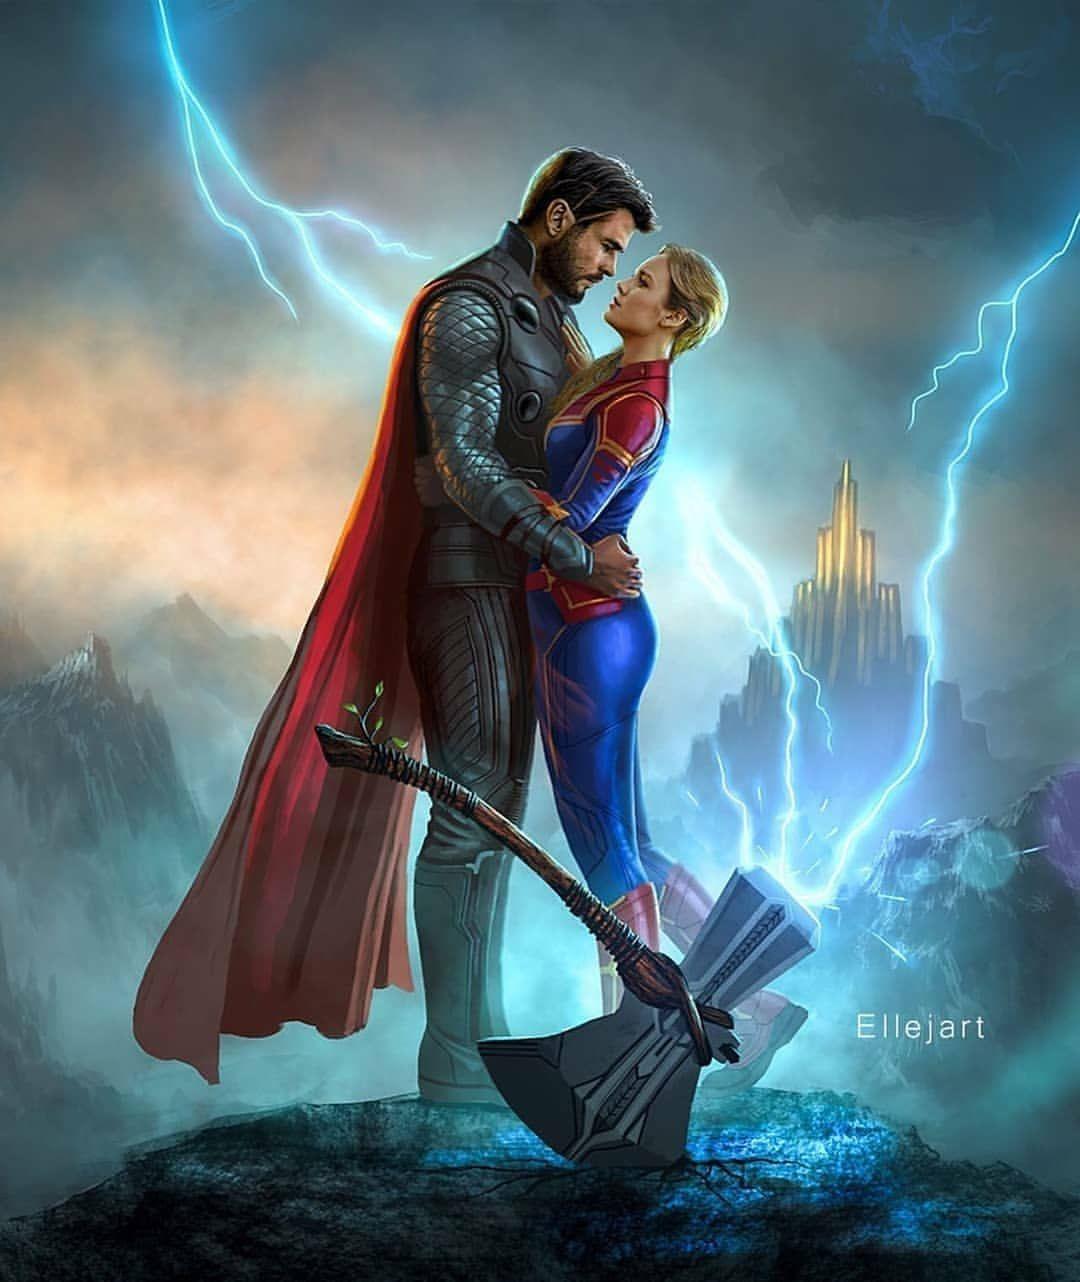 1 Or 2 Art By Ellejart Thor Fatthor Captainmarvel Endgame Avengersendgame Fanart Ell Captain Marvel Marvel Superhero Posters Marvel Comic Universe Trends for thor and captain marvel love